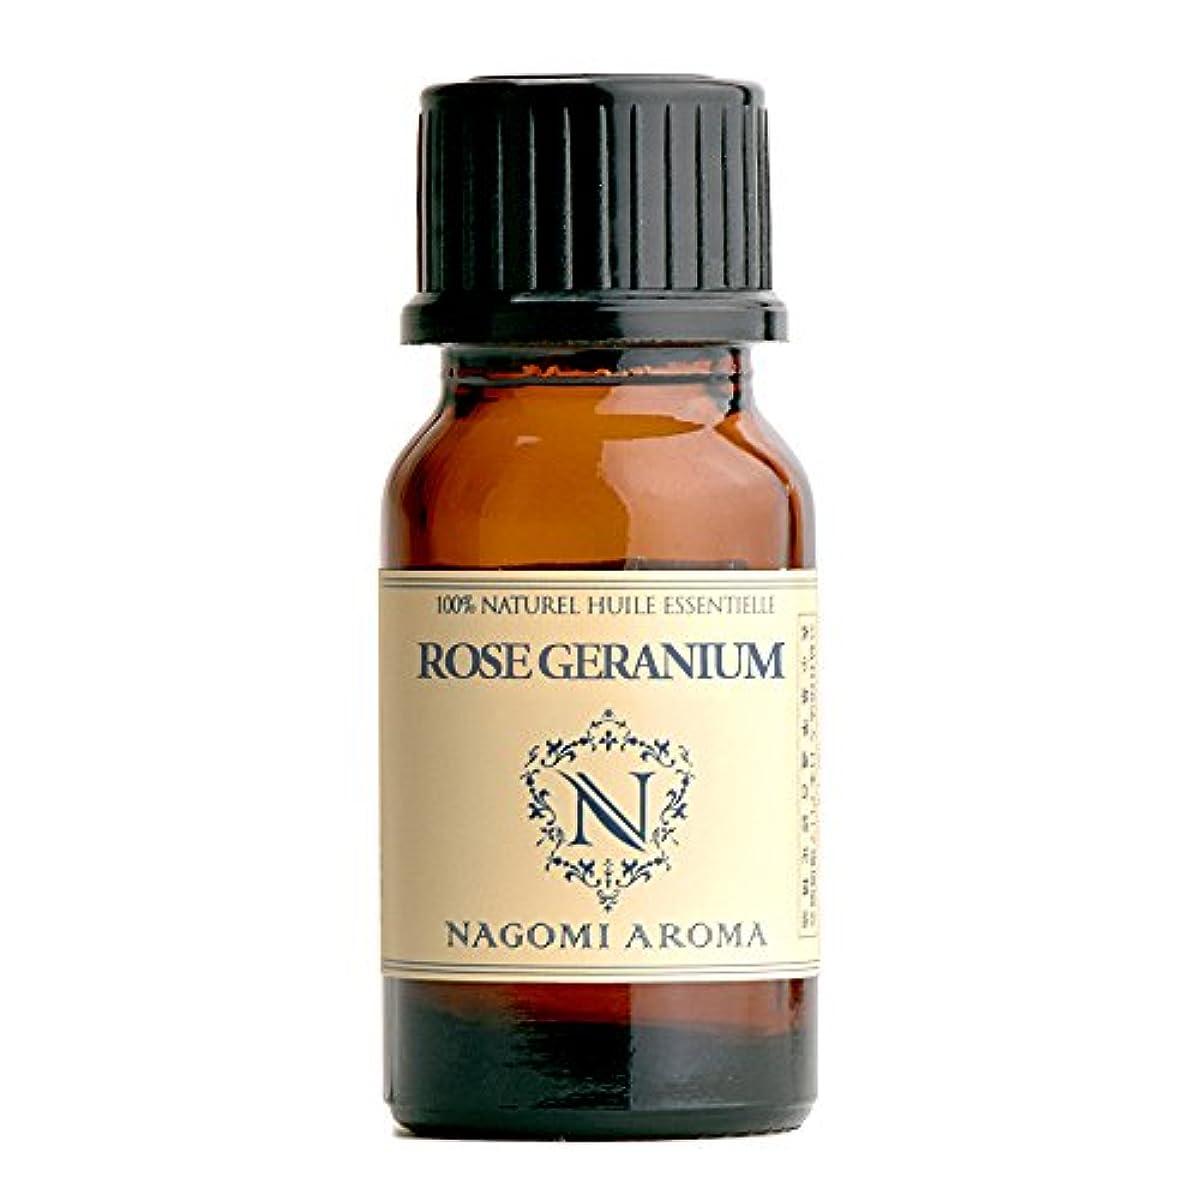 友だちの量付属品NAGOMI AROMA ローズゼラニウム 10ml 【AEAJ認定精油】【アロマオイル】